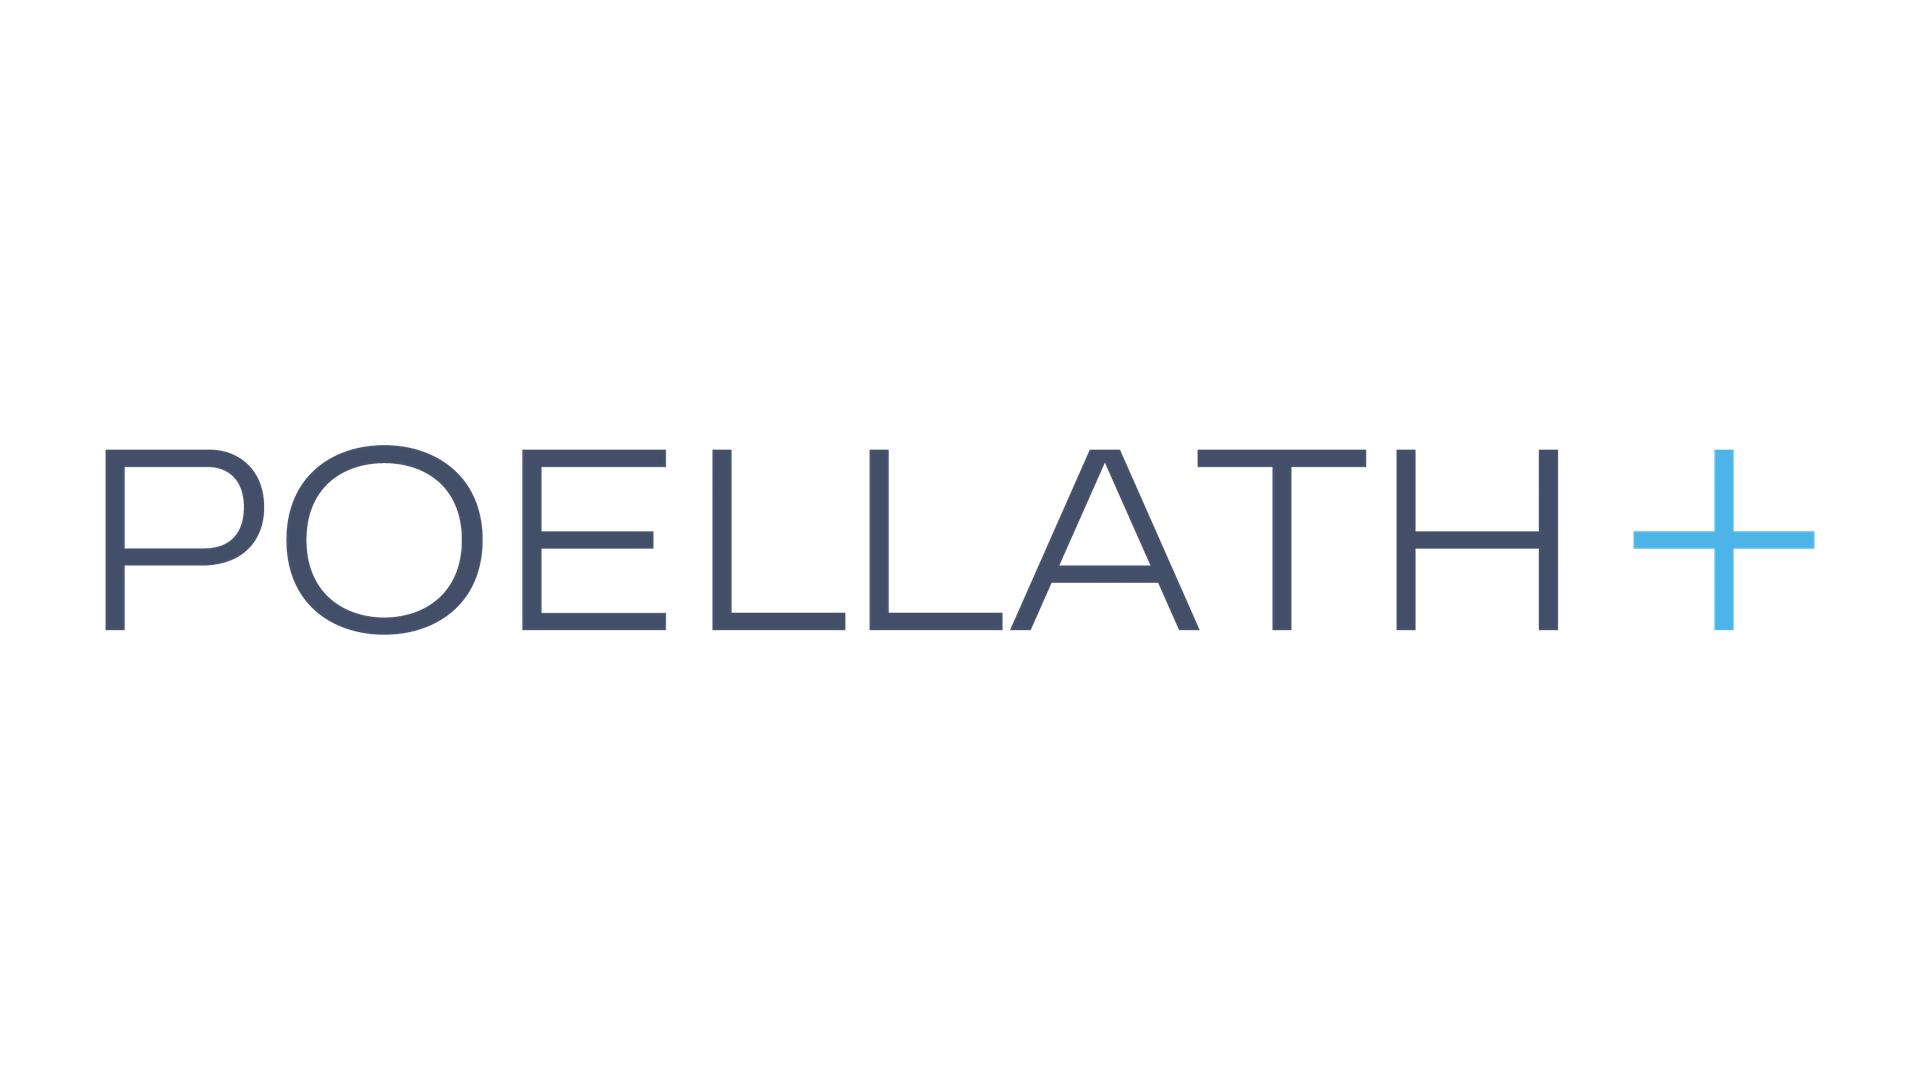 poellath